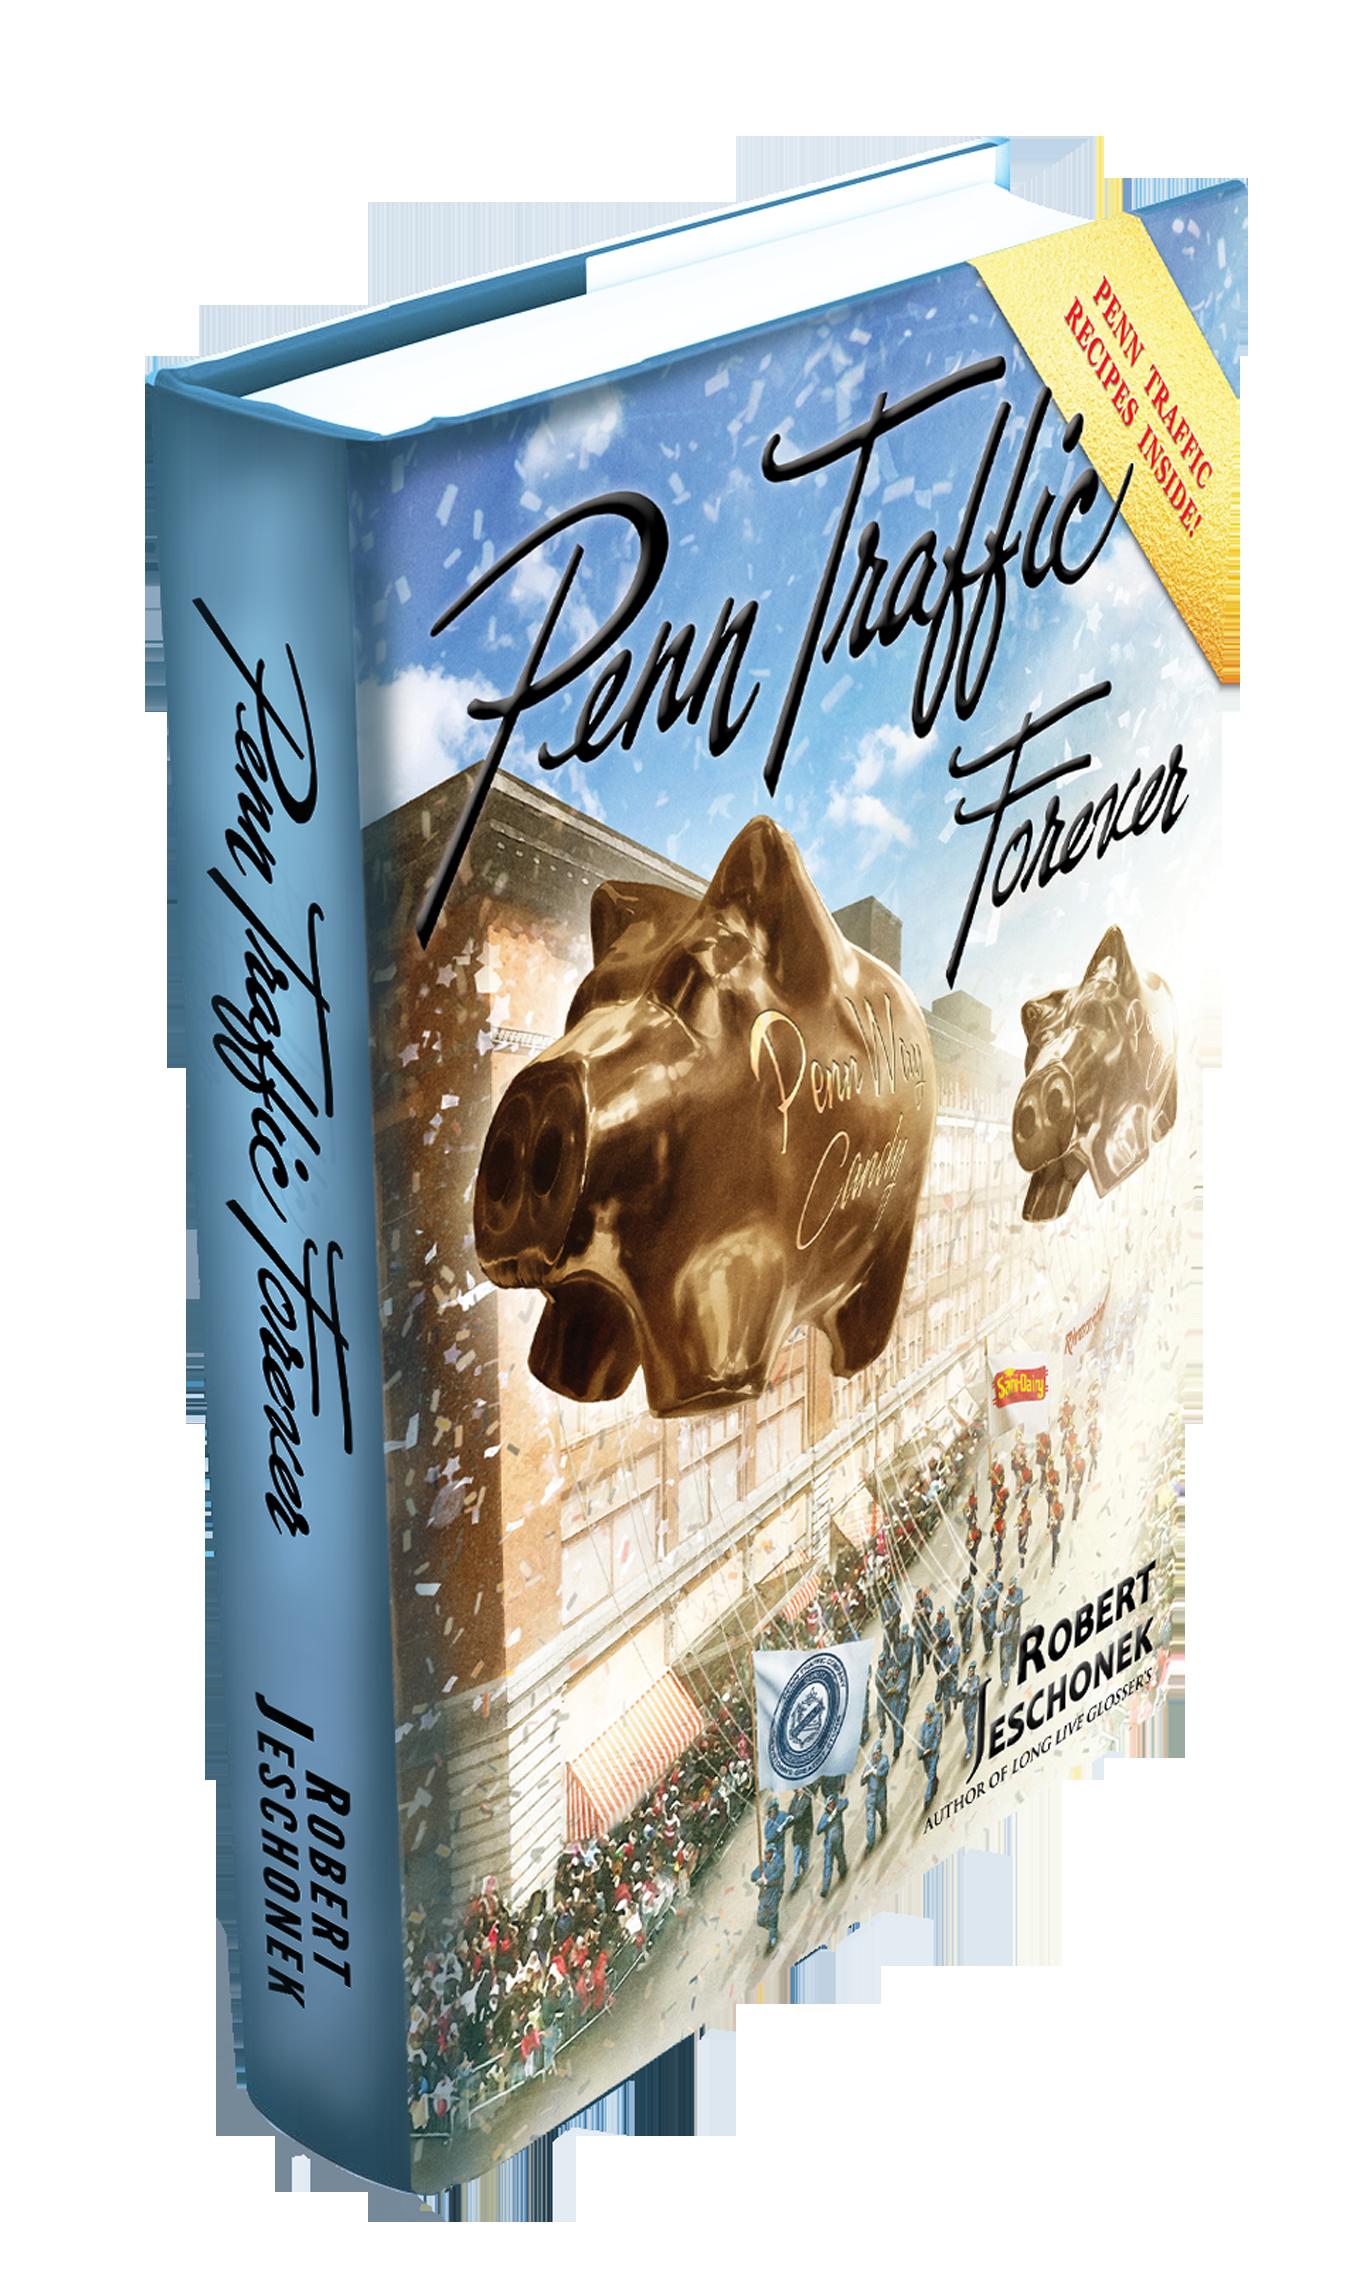 Penn Traffic Book Hardcover